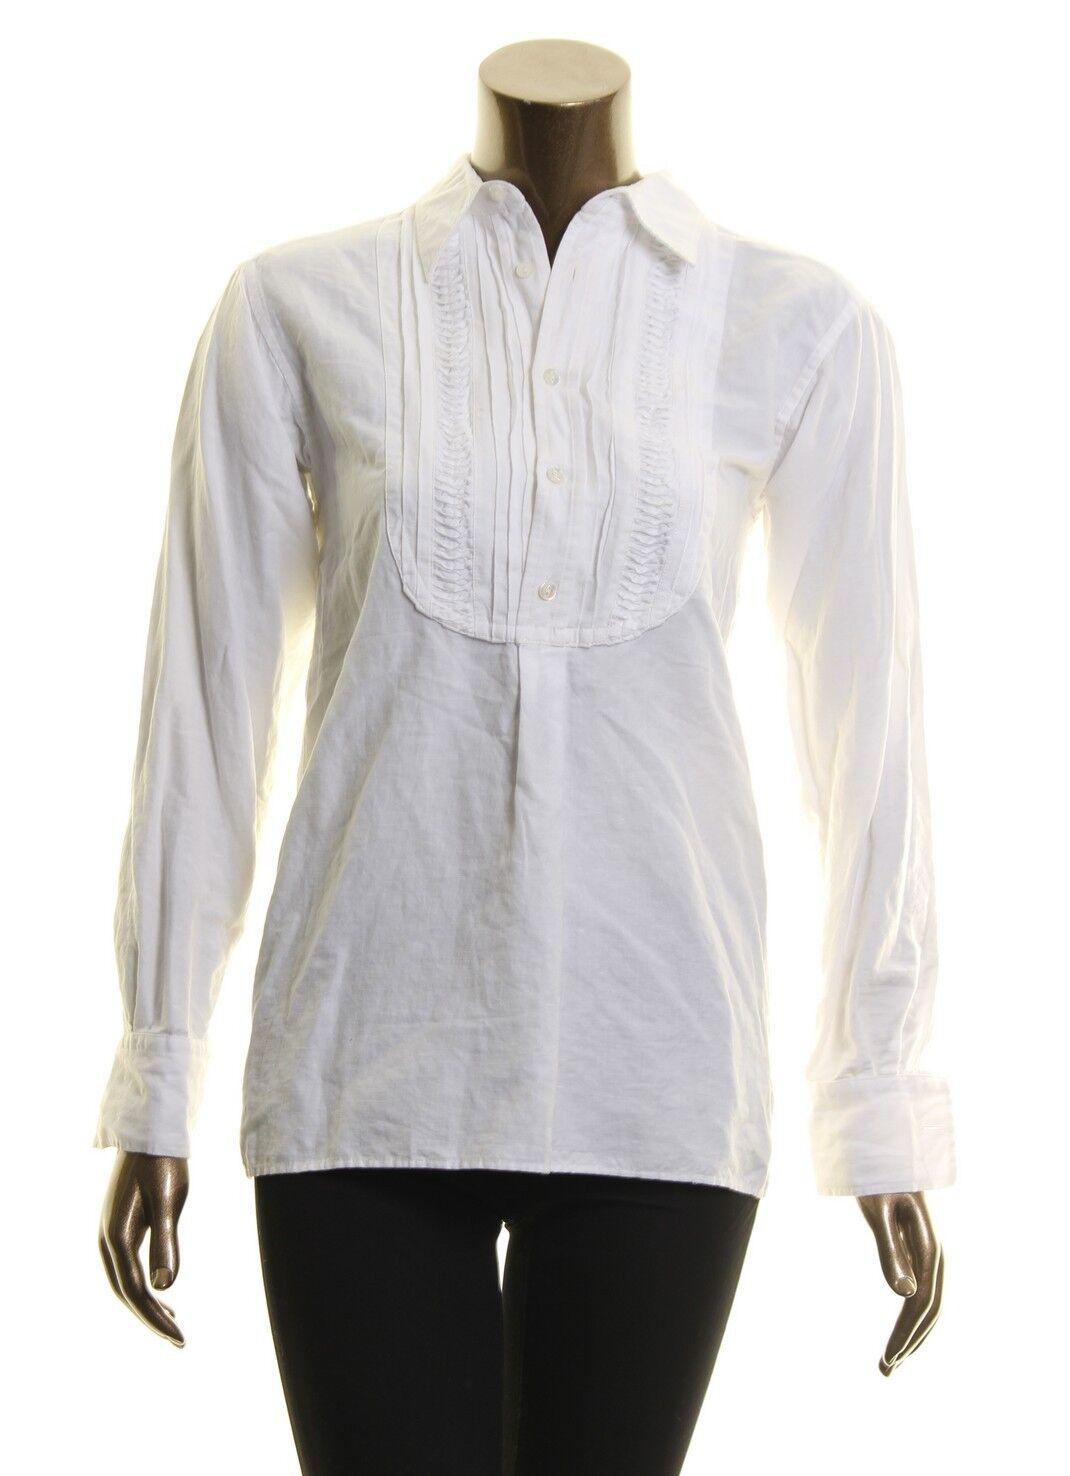 POLO RALPH LAUREN NEW Weiß Woherren Half Buttoned Pintucked Blouse Shirt Top XS